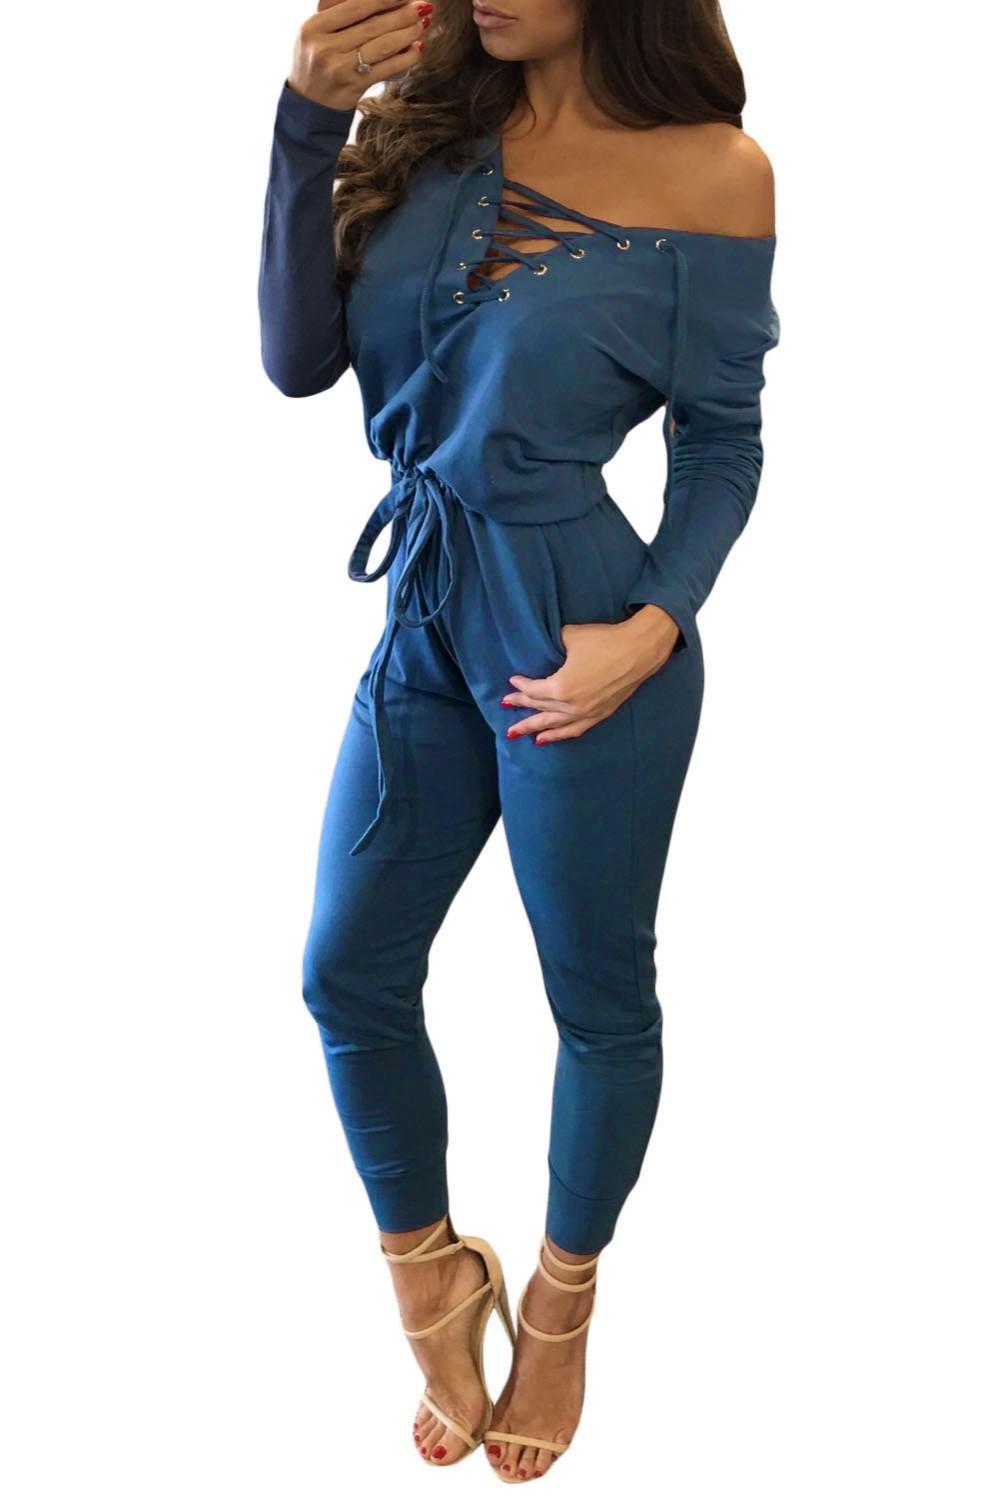 Blue-Grommet-Lace-Up-Long-Sleeve-Jumpsuit-LC64223-5-1